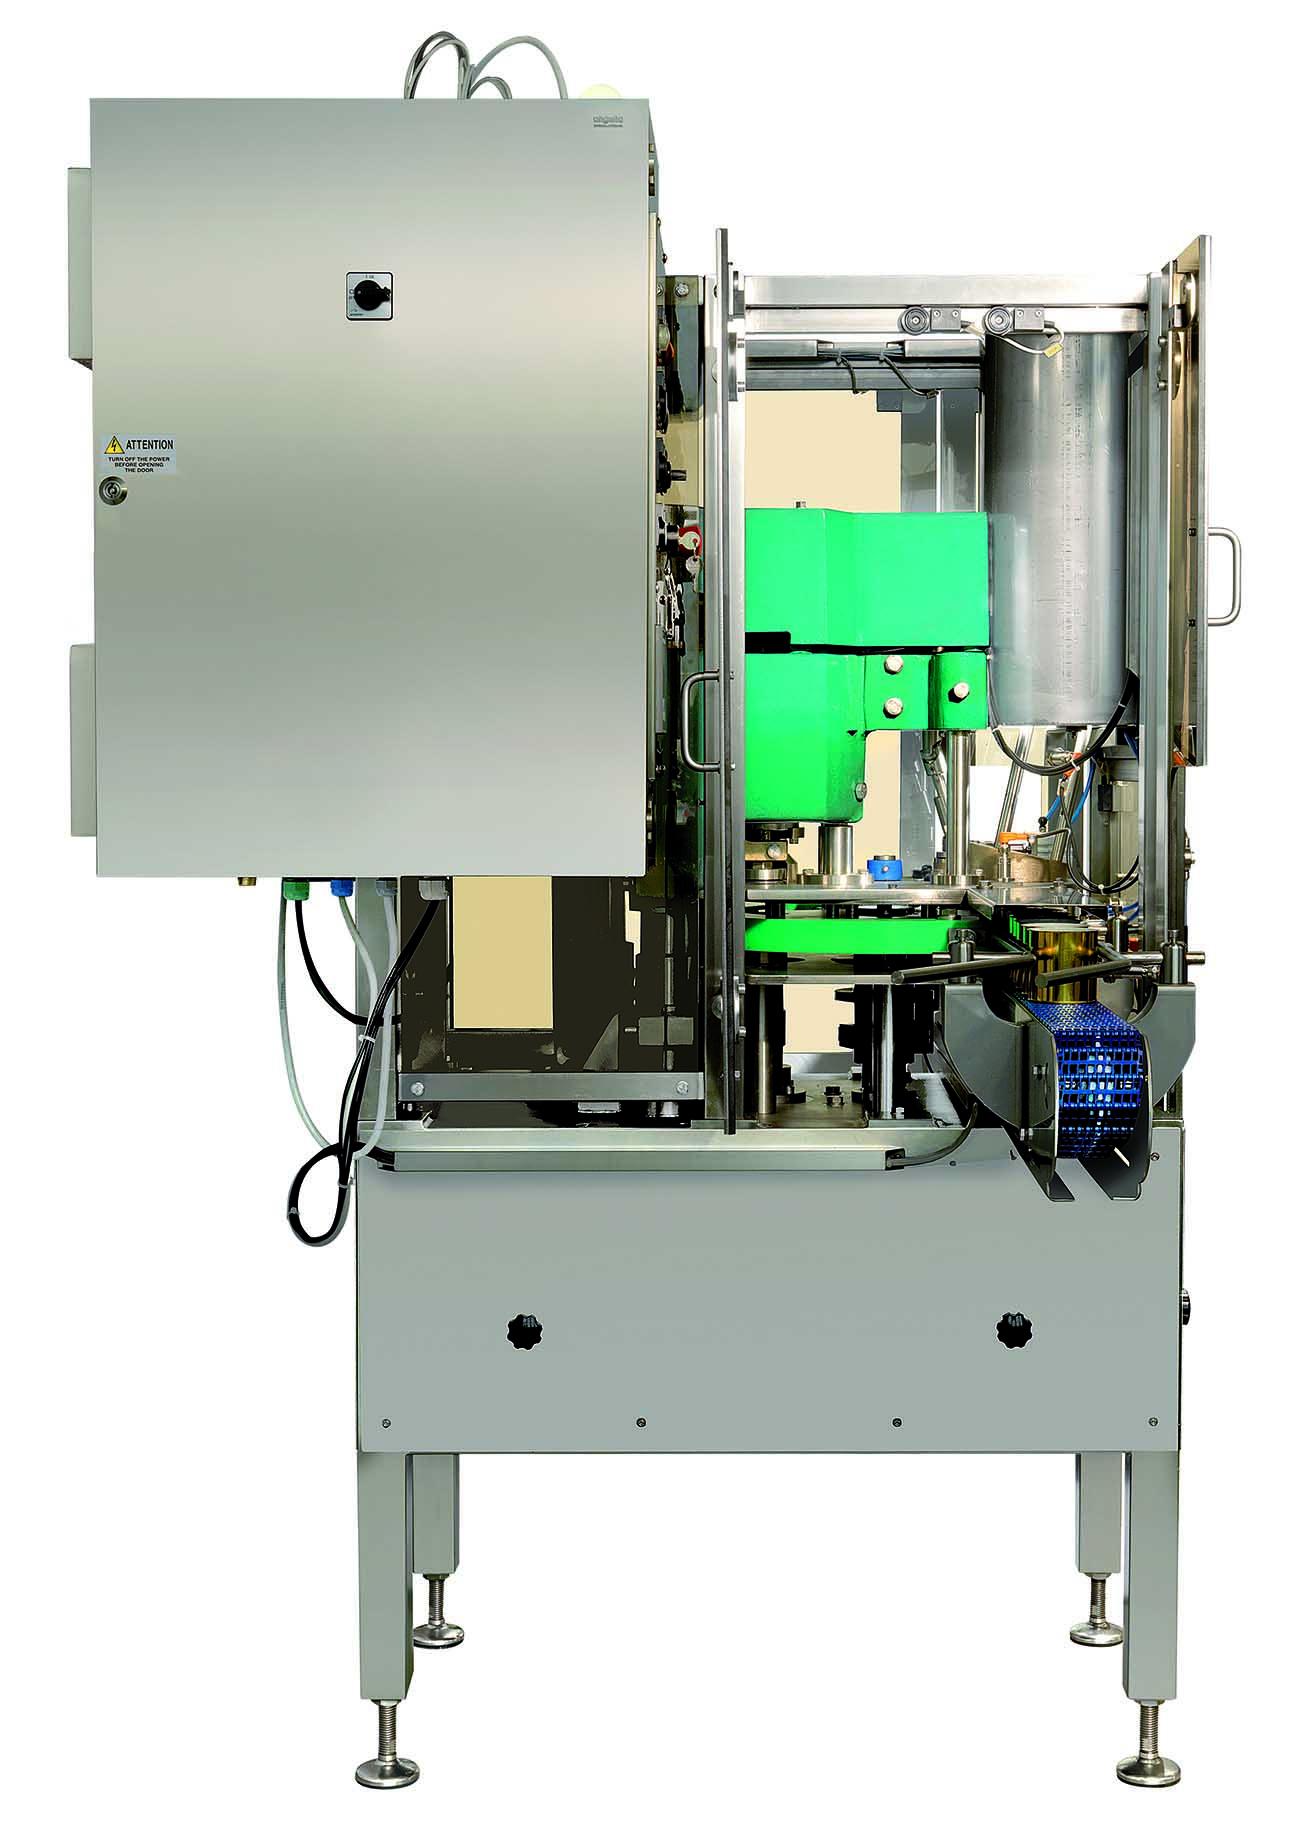 B40L macchina aggraffatrice automatica Bonicomm visione laterale